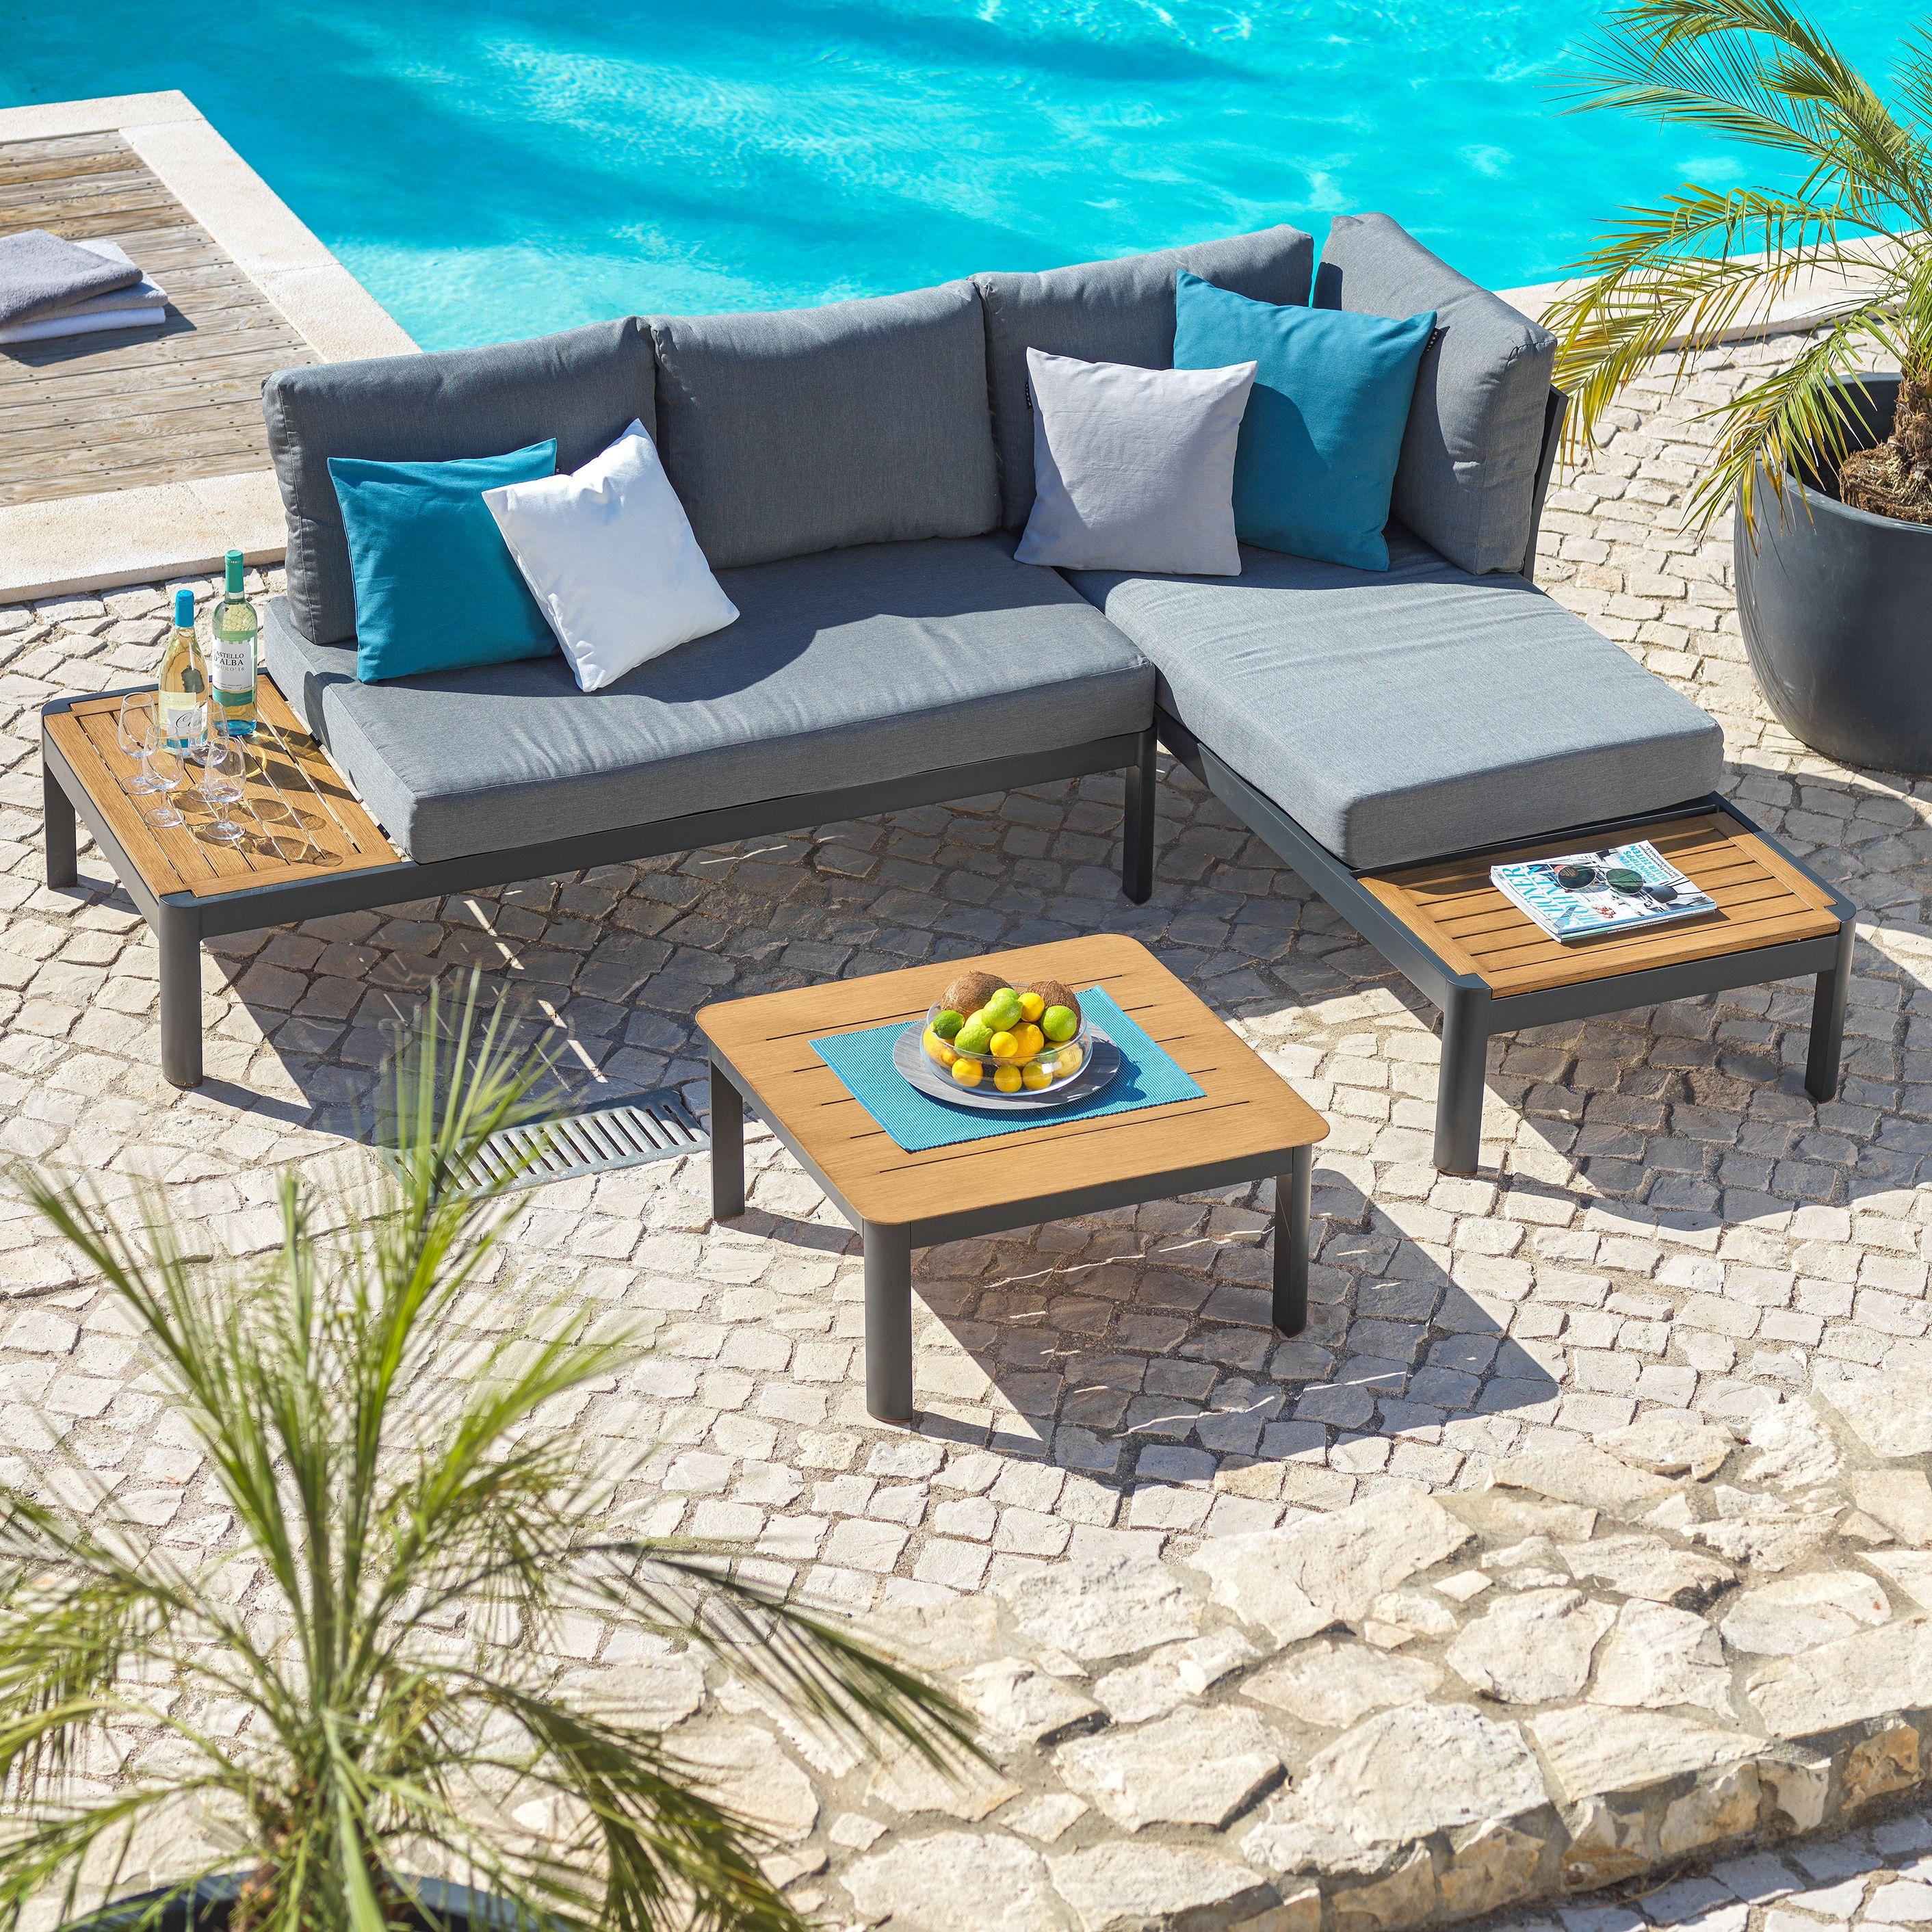 Moderne Gartenlounge Aus Metall Mit Holzelementen Lounge Garnitur Lounge Mobel Balkonmobel Lounge